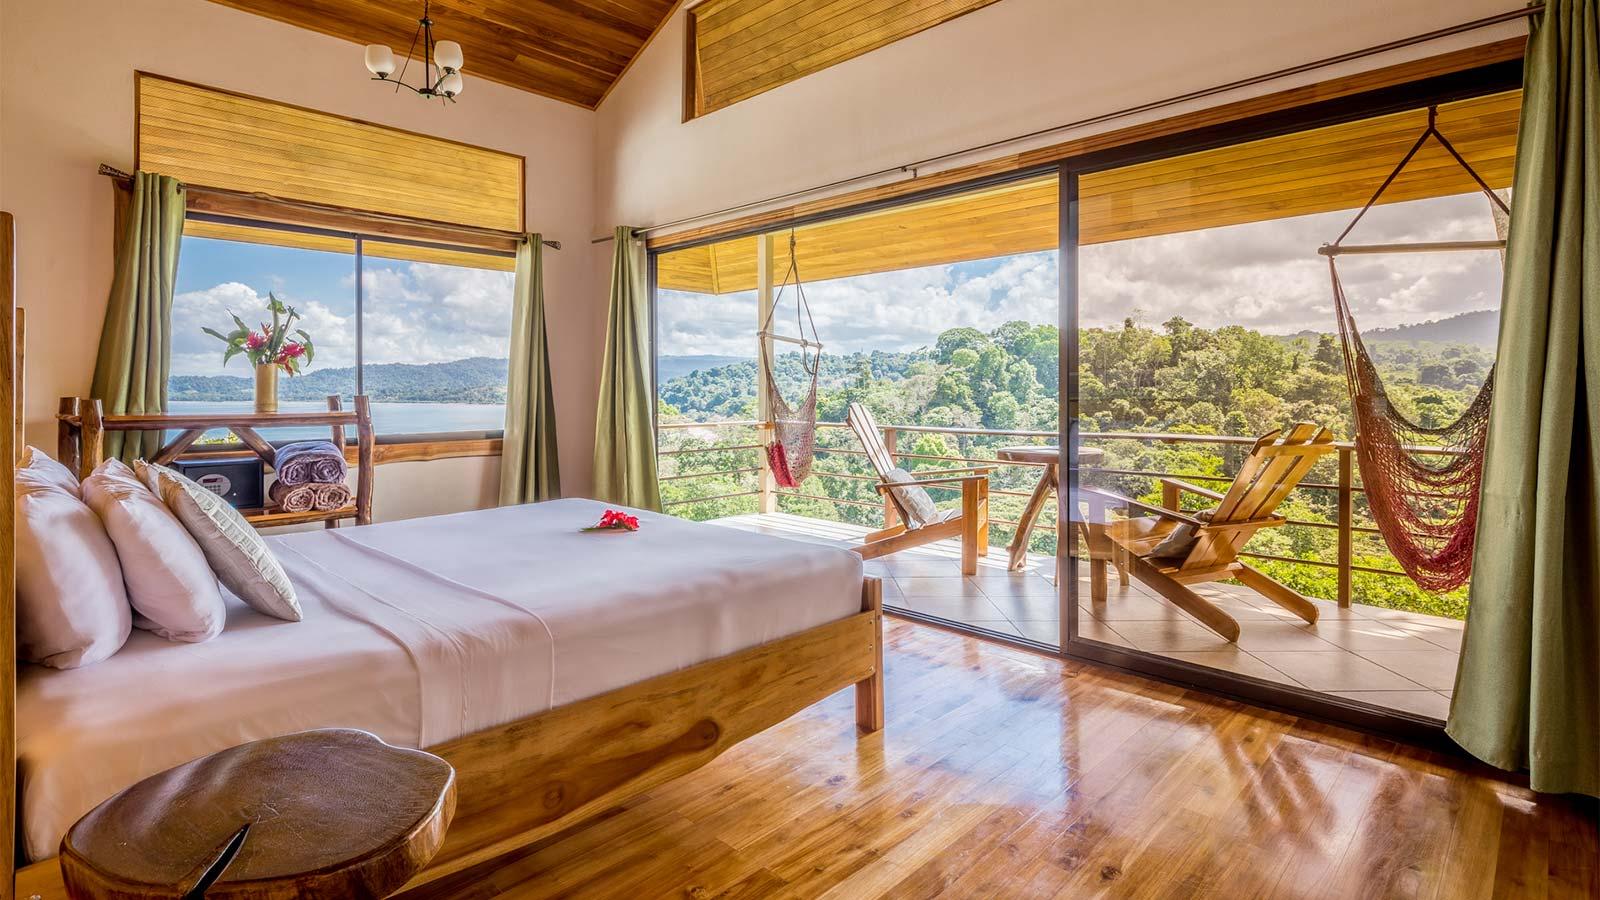 تخطط لعطلة؟ إليك أفضل فنادق بوتيك في العالم في عام 2019